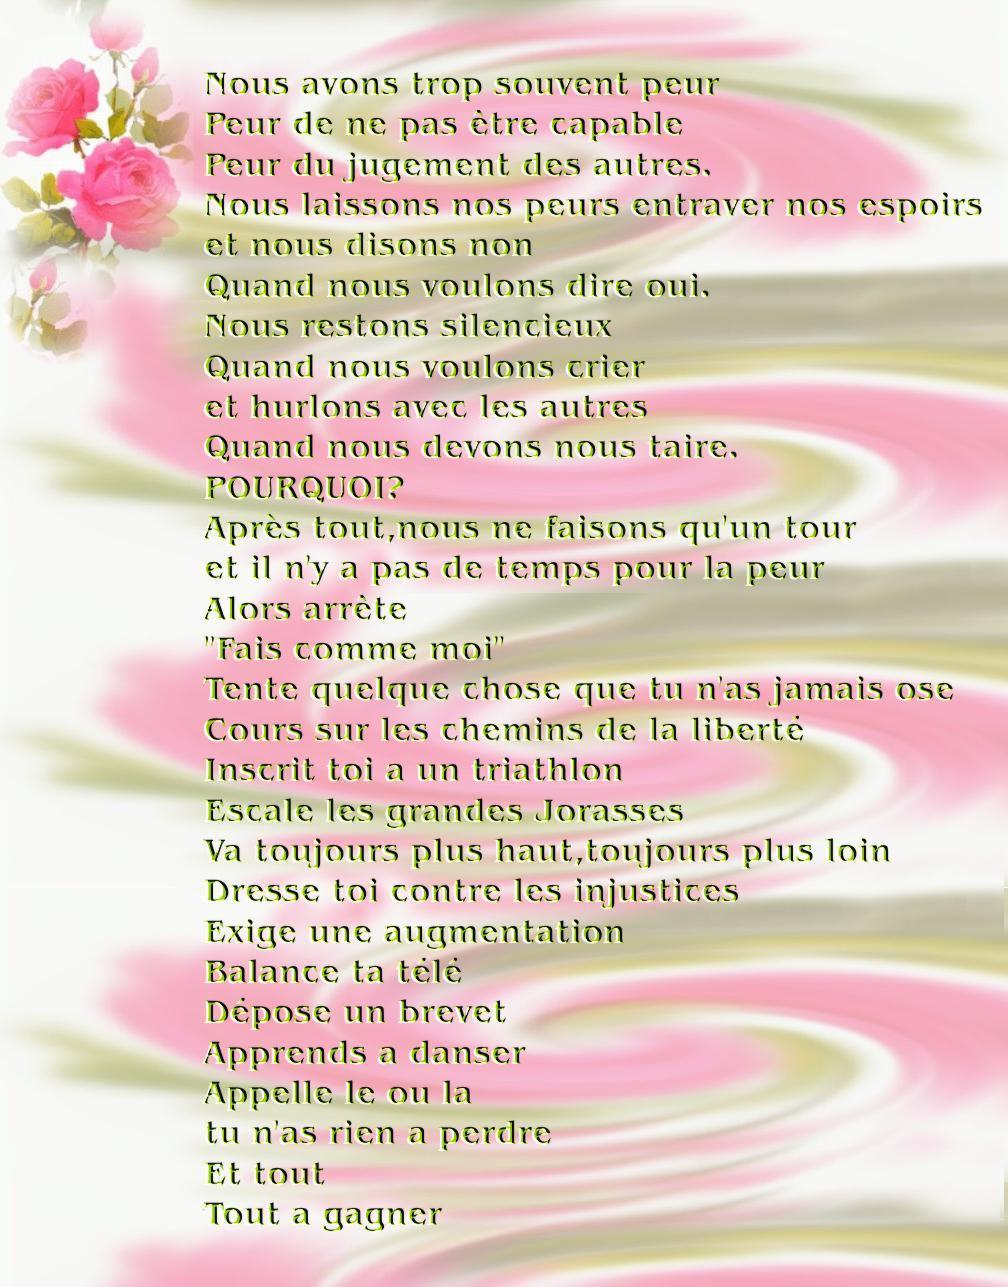 Sa C Est Pour Mon Amour Que J Aime Tellement Sant Serigne